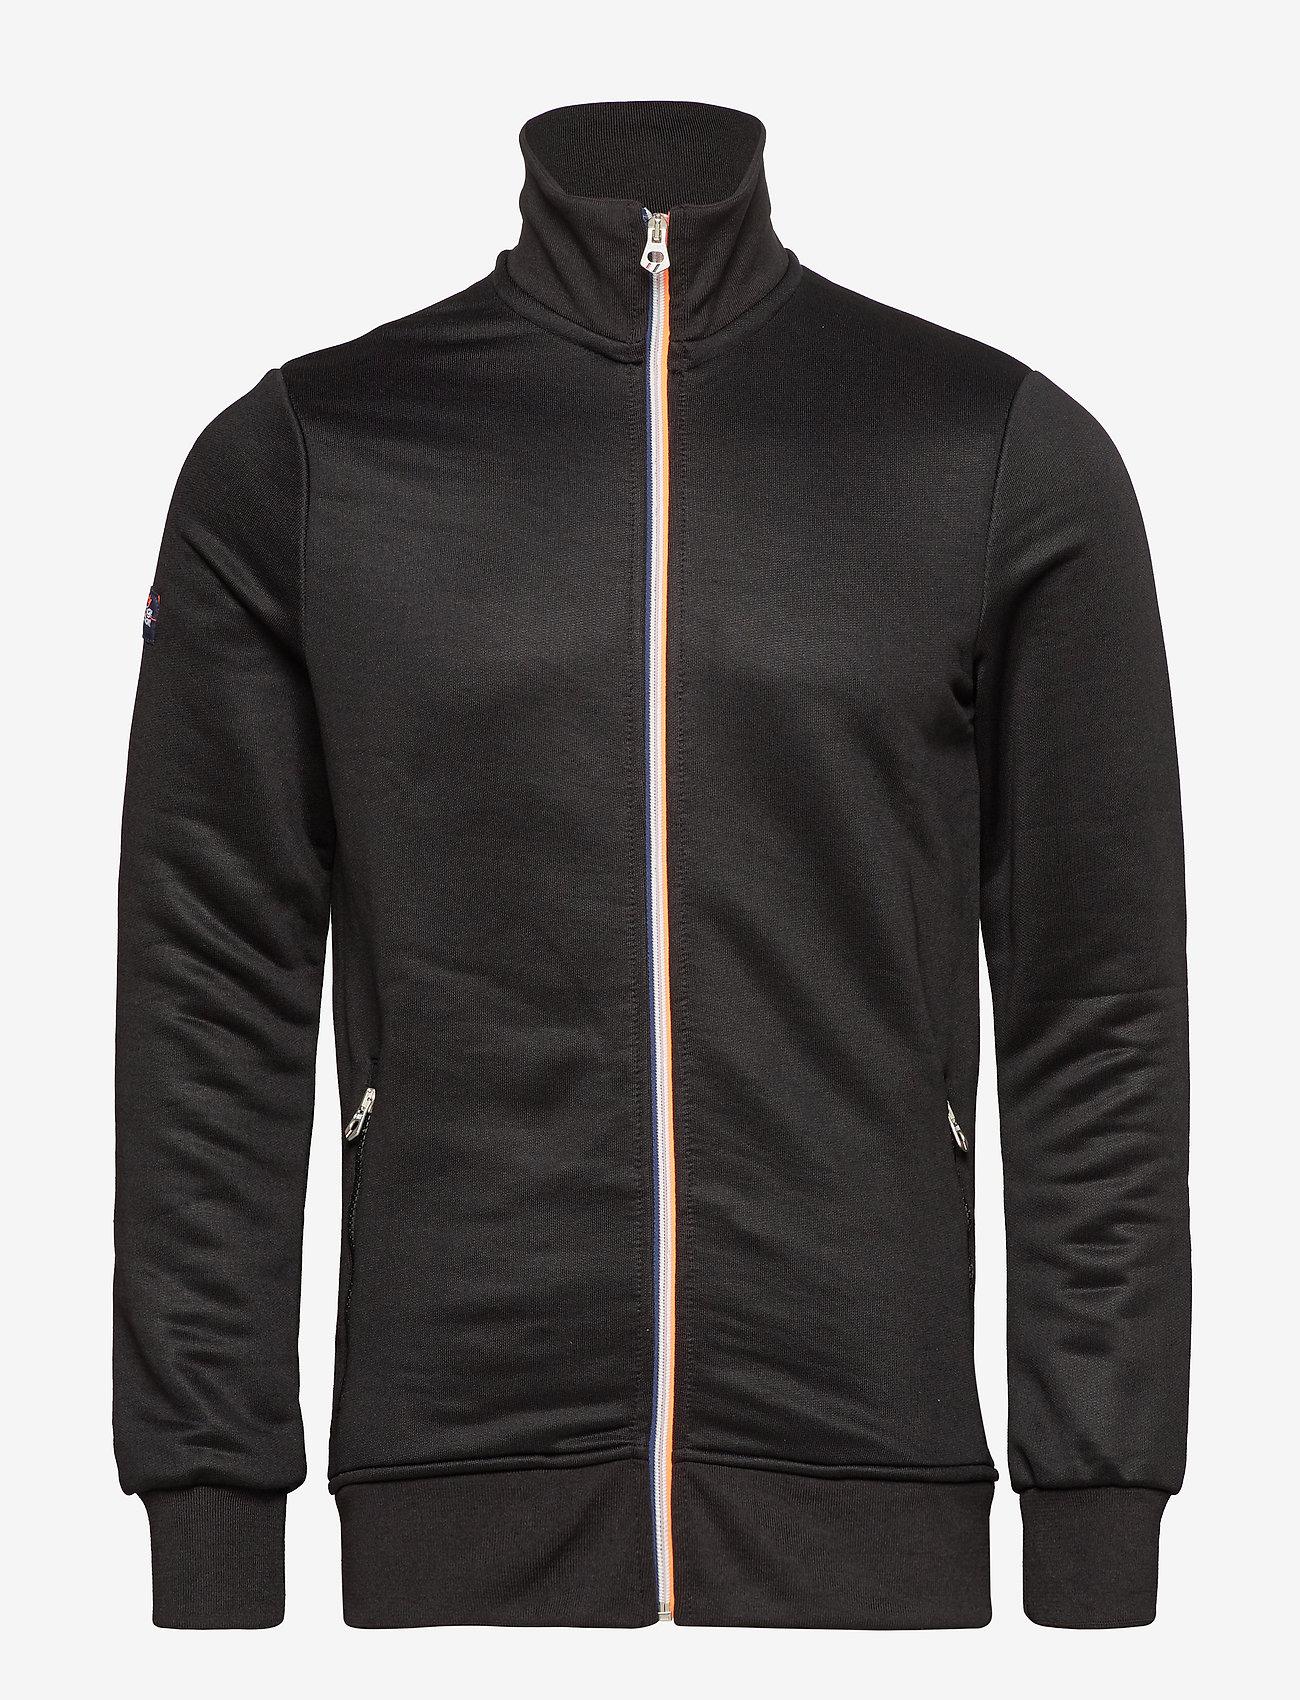 Superdry - ORANGE LABEL TRI TRACK TOP - track jackets - black - 0